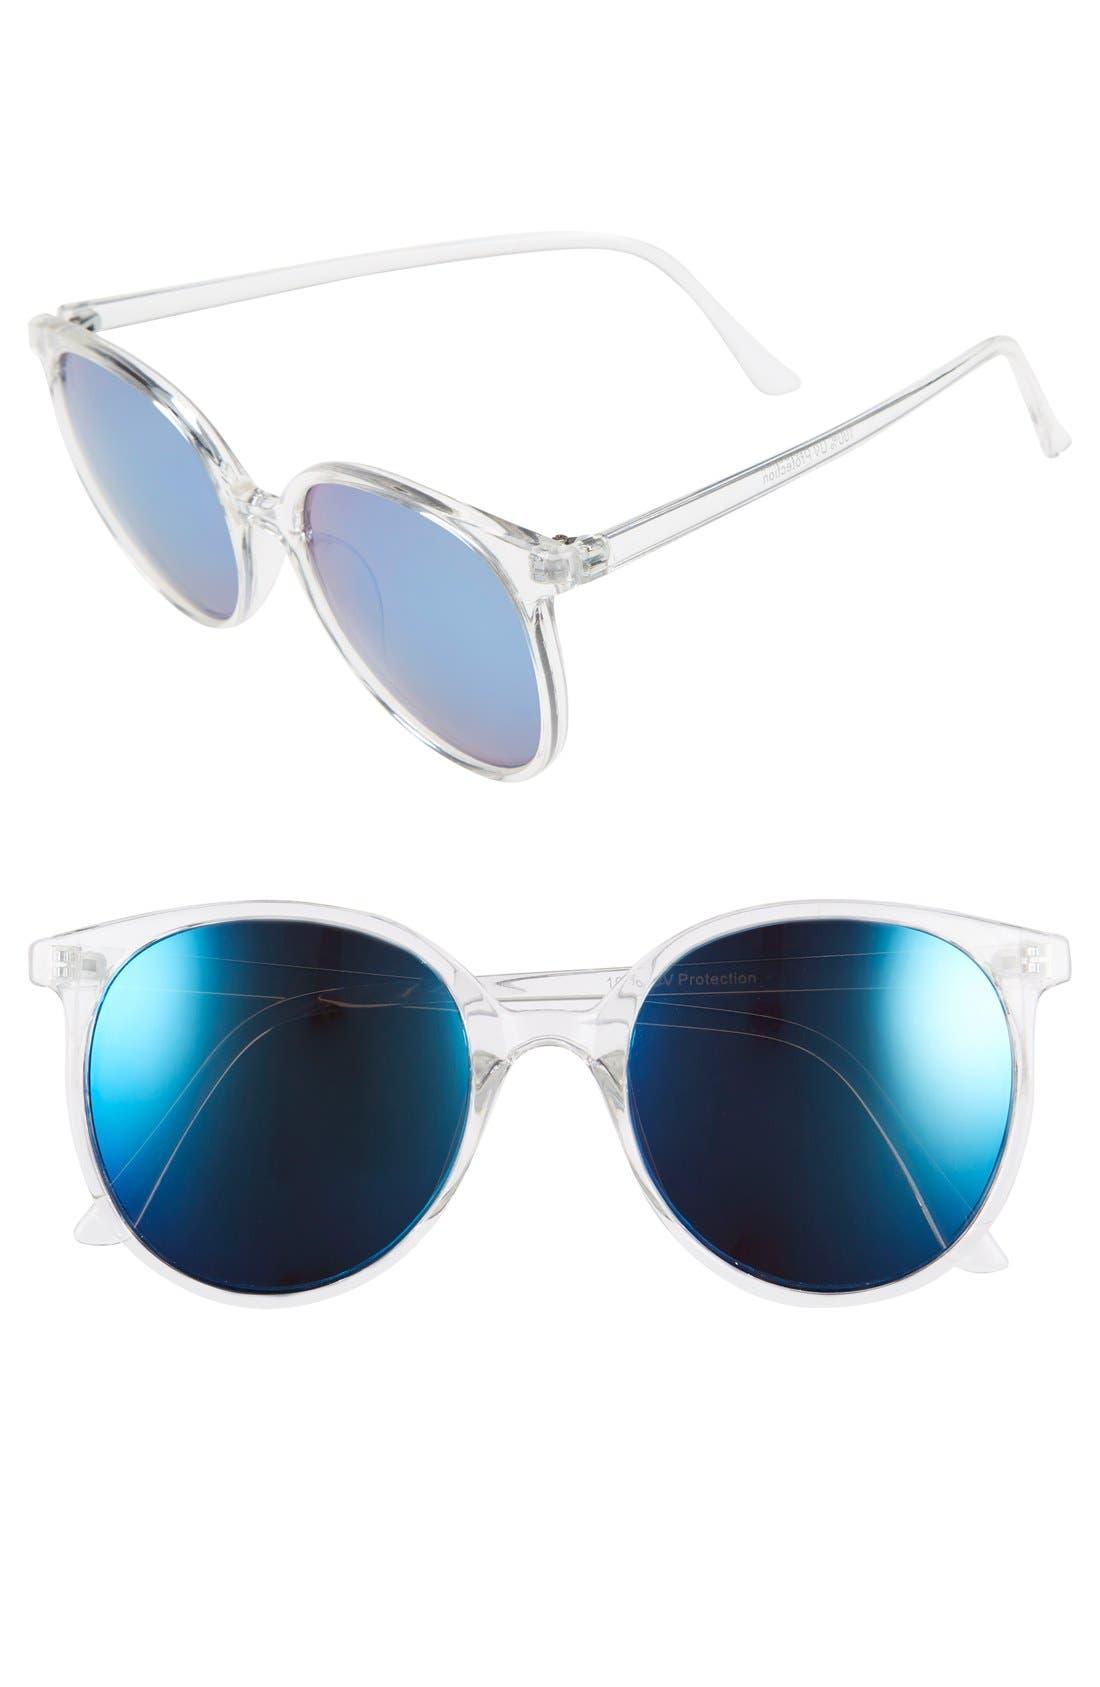 Main Image - BP. Mirrored Round Sunglasses